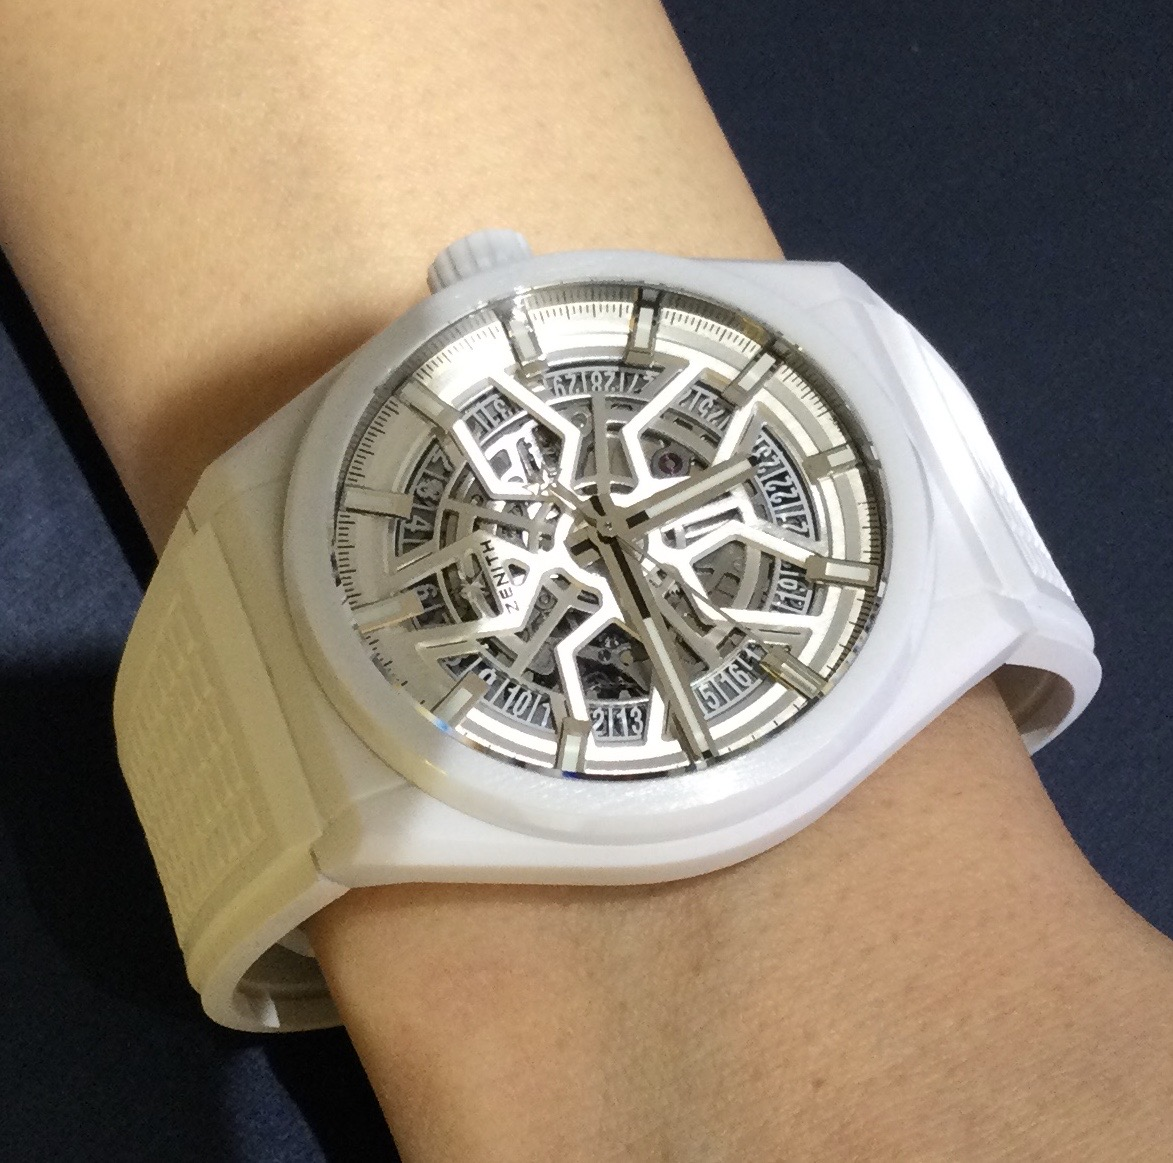 ゼニスのお時計をお買い上げ頂きまして、有難うございます! 画像2